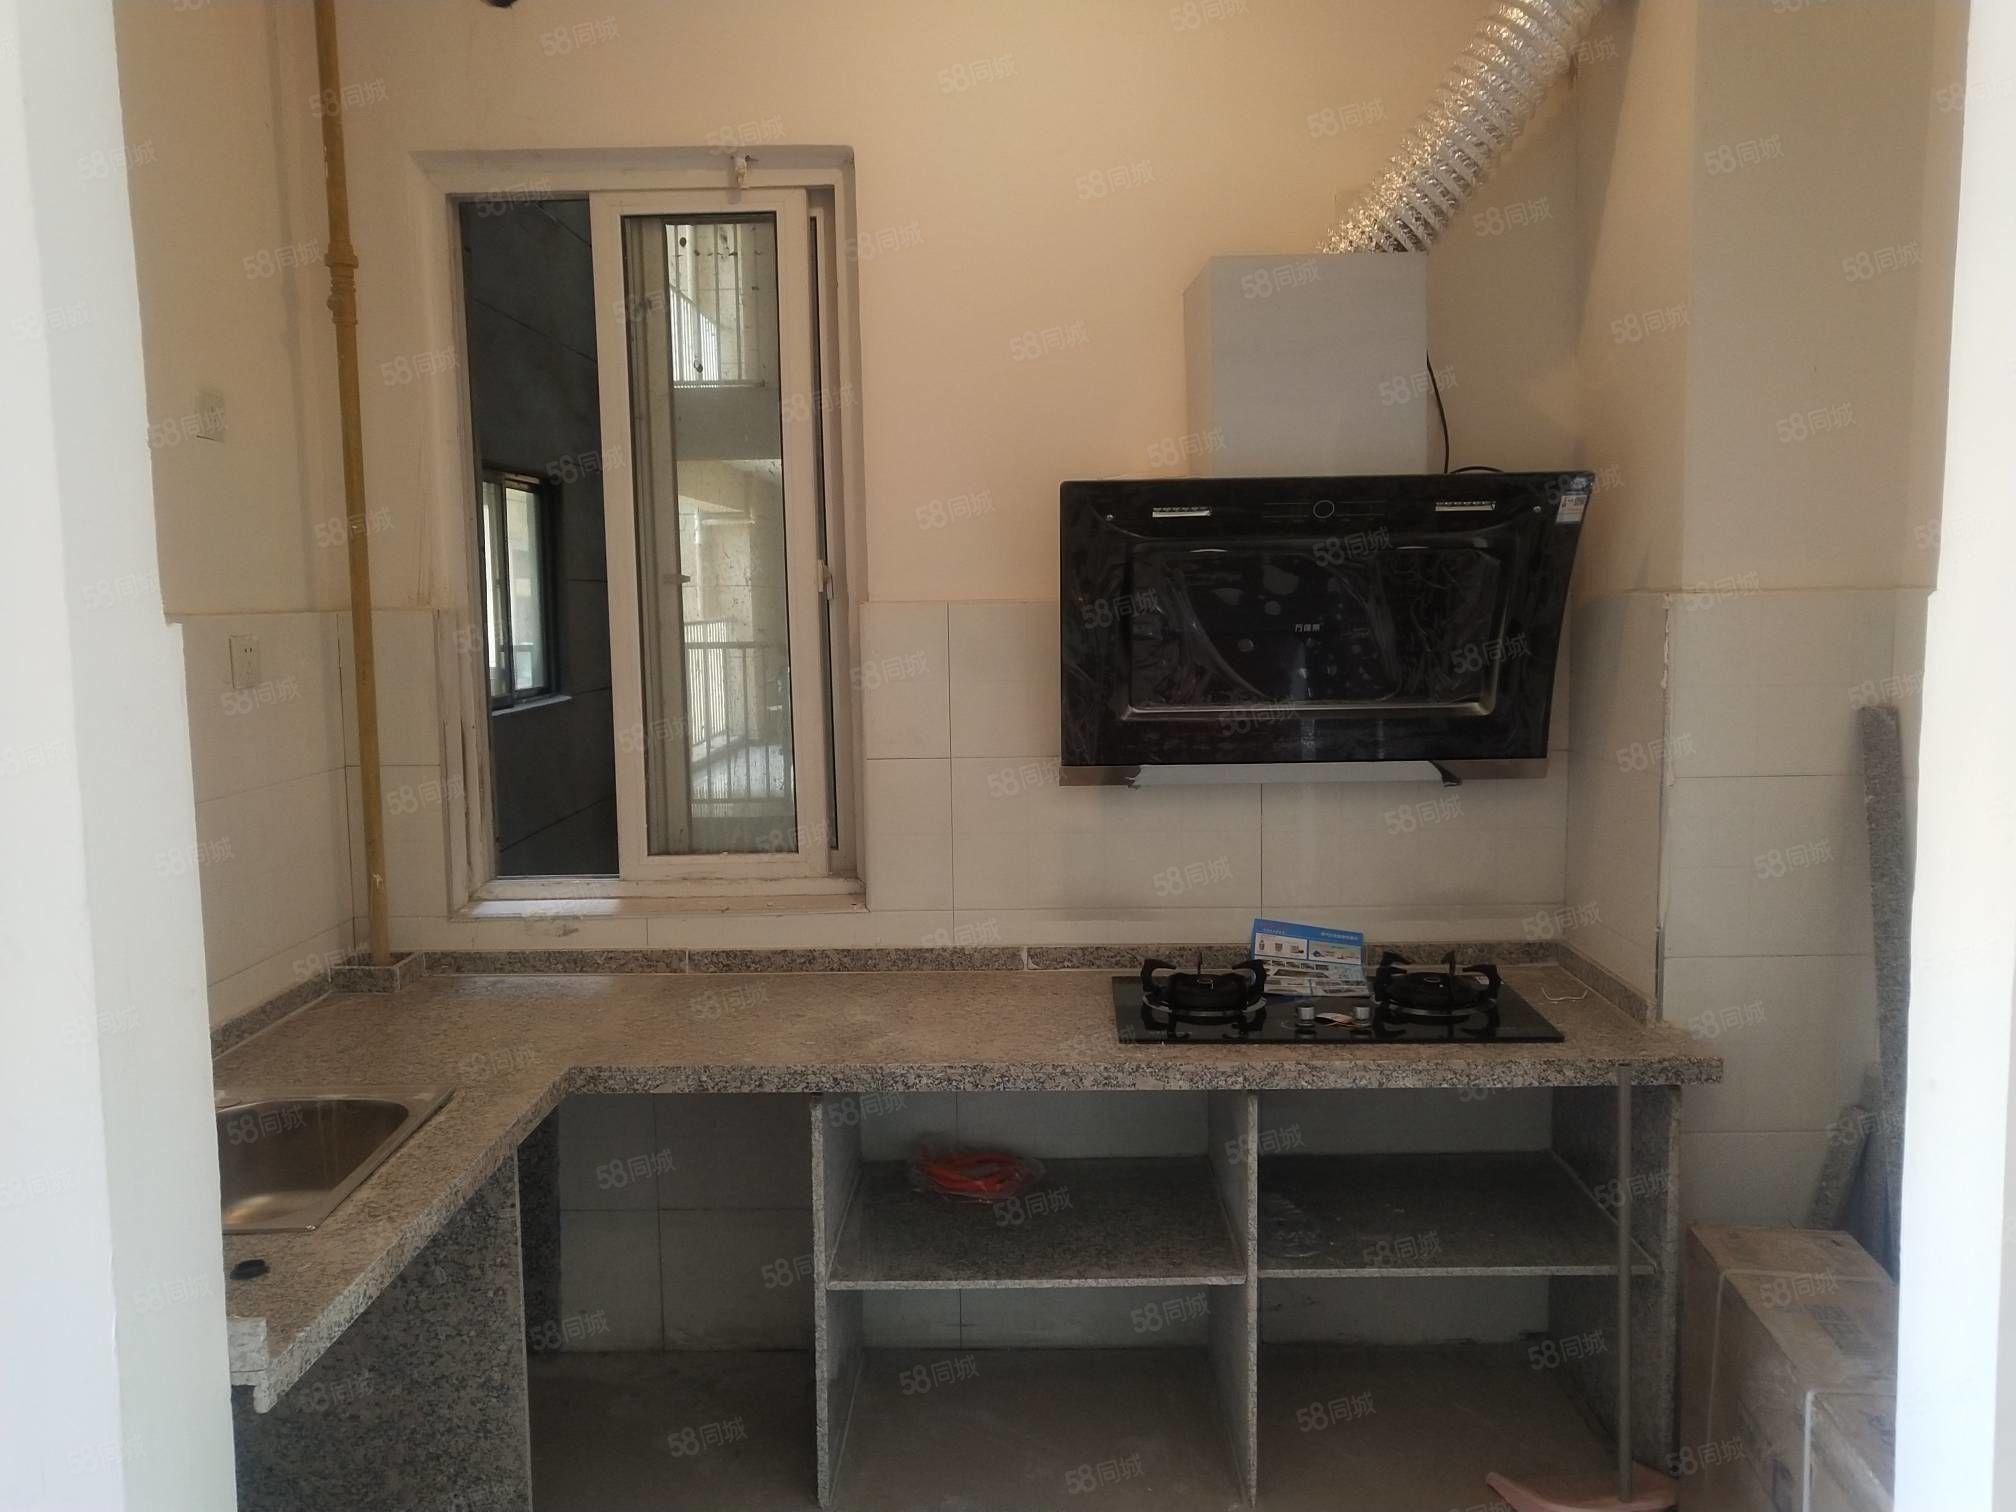 翡翠湾新装修一次未住过,对外出租家居家电齐全拎包入住。